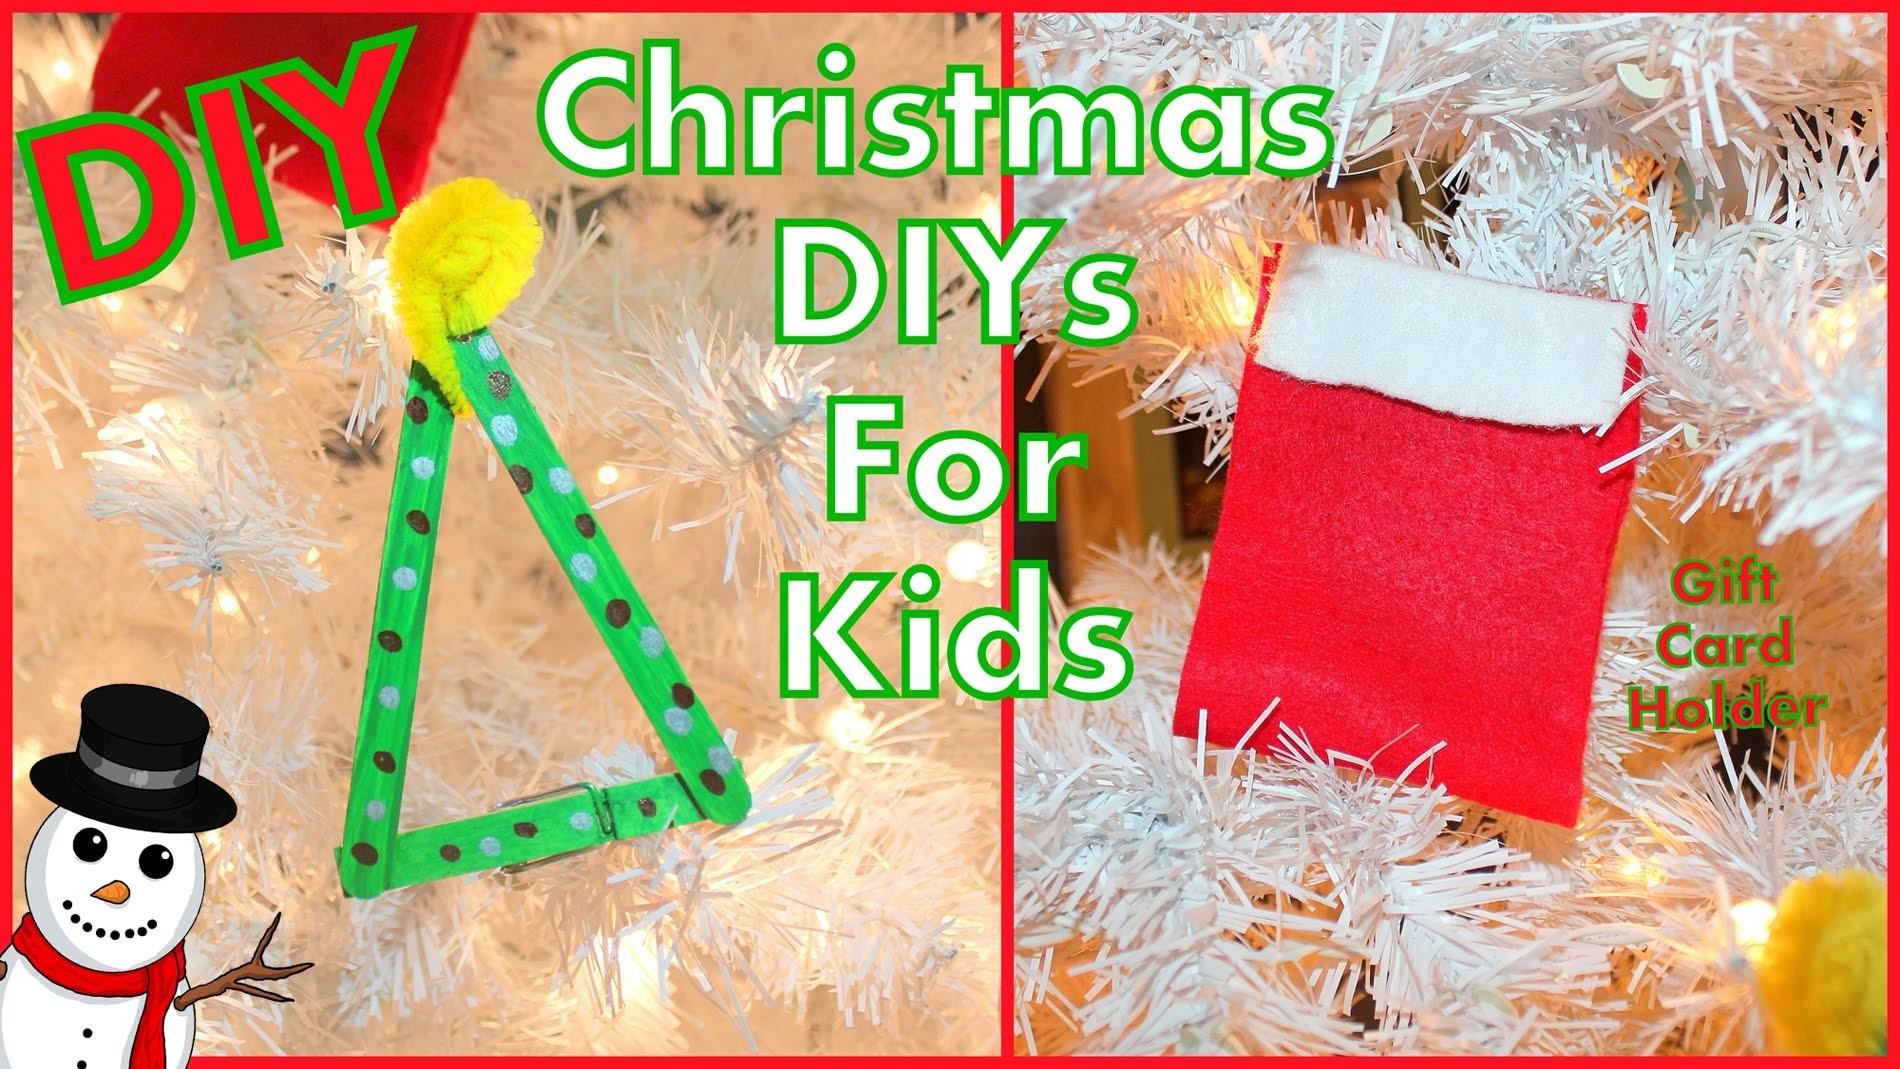 DIY Kids Christmas Crafts | DIY Gift Card Holder & Tree Ornament | Christmas Collab | Christmas Fun